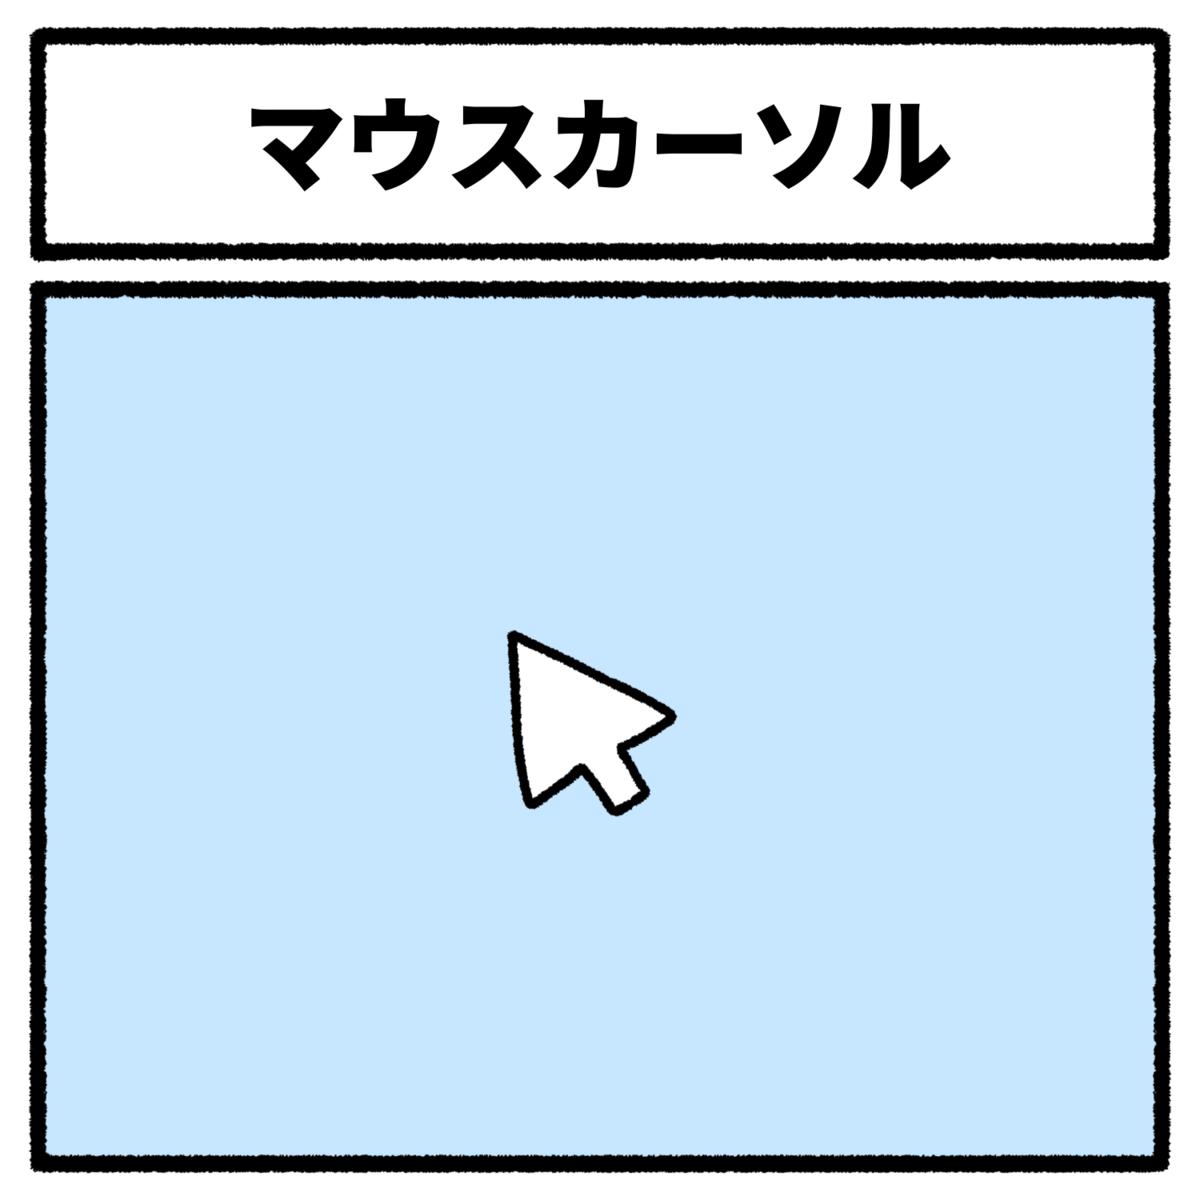 f:id:usgmen:20210505194839p:plain